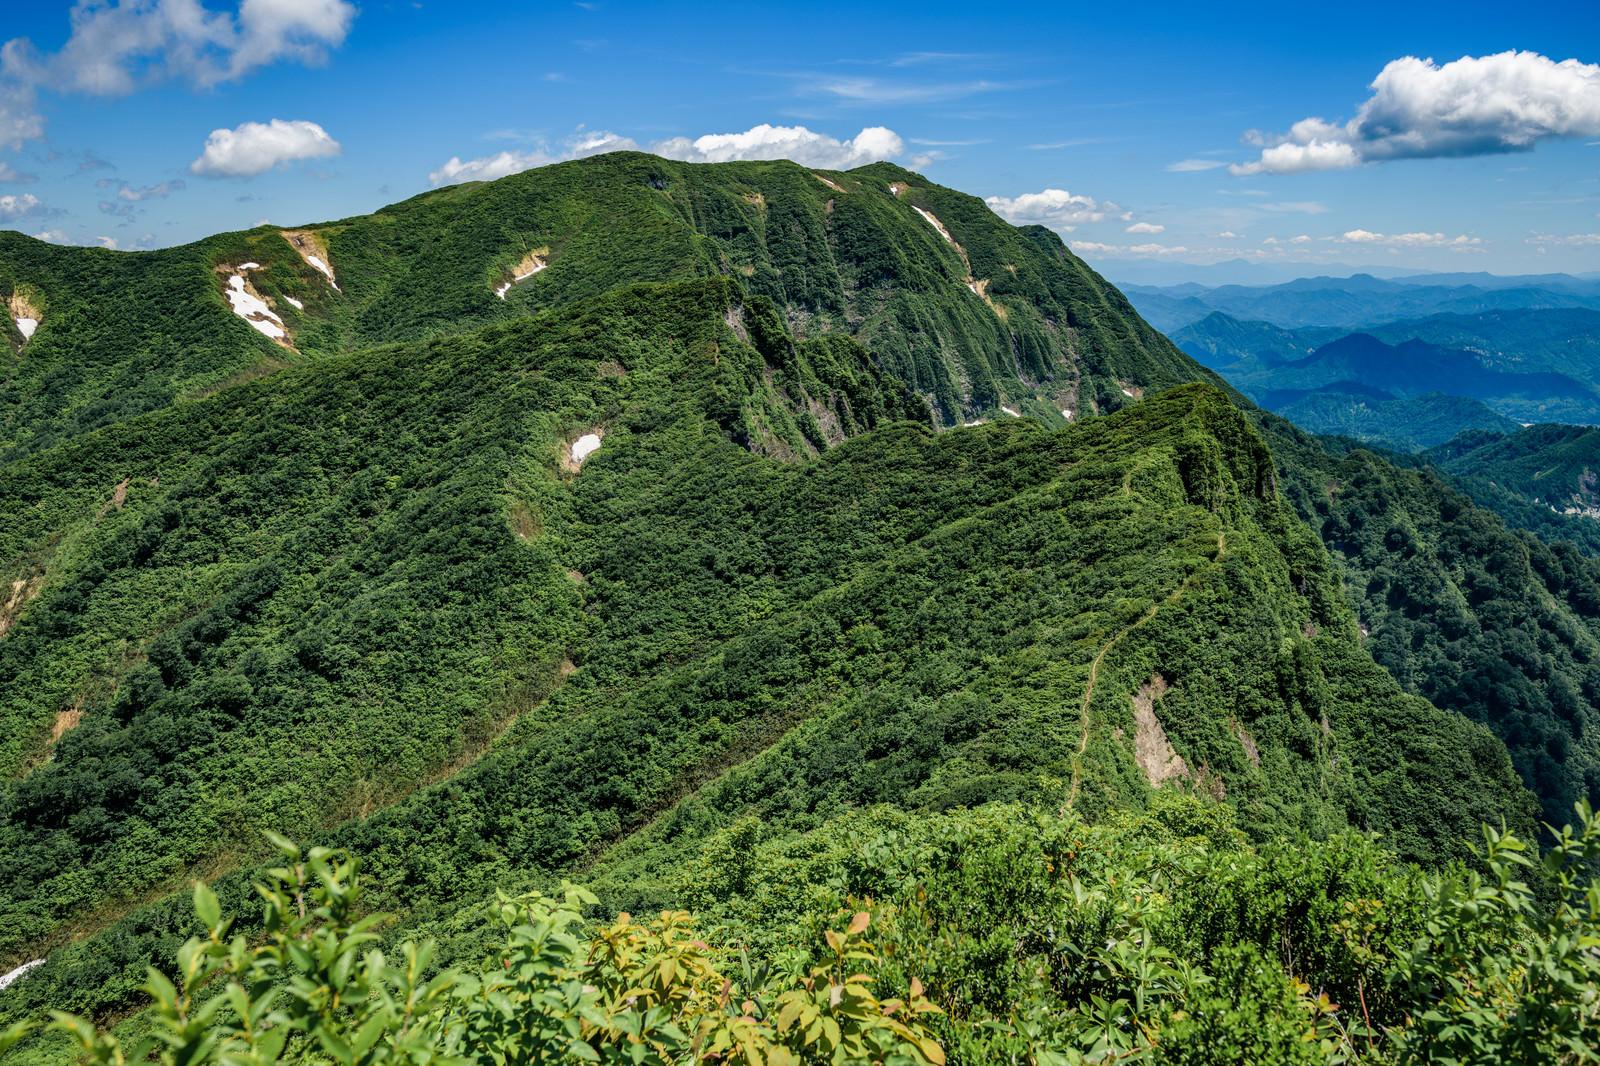 「浅草岳の稜線(越後山脈)」の写真